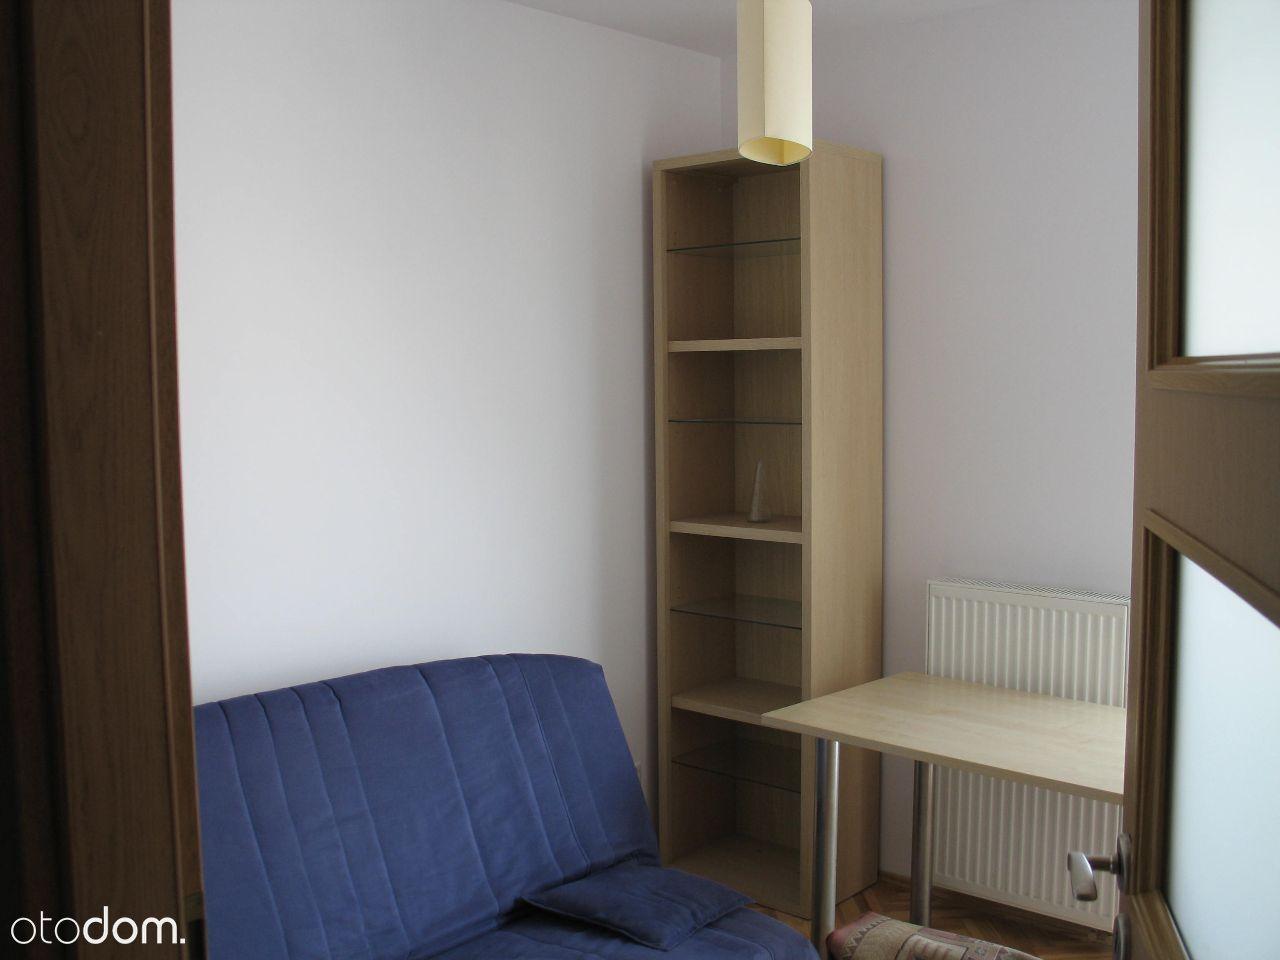 Pokój w mieszkaniu 2-pokojowym na osiedlu Wilczak